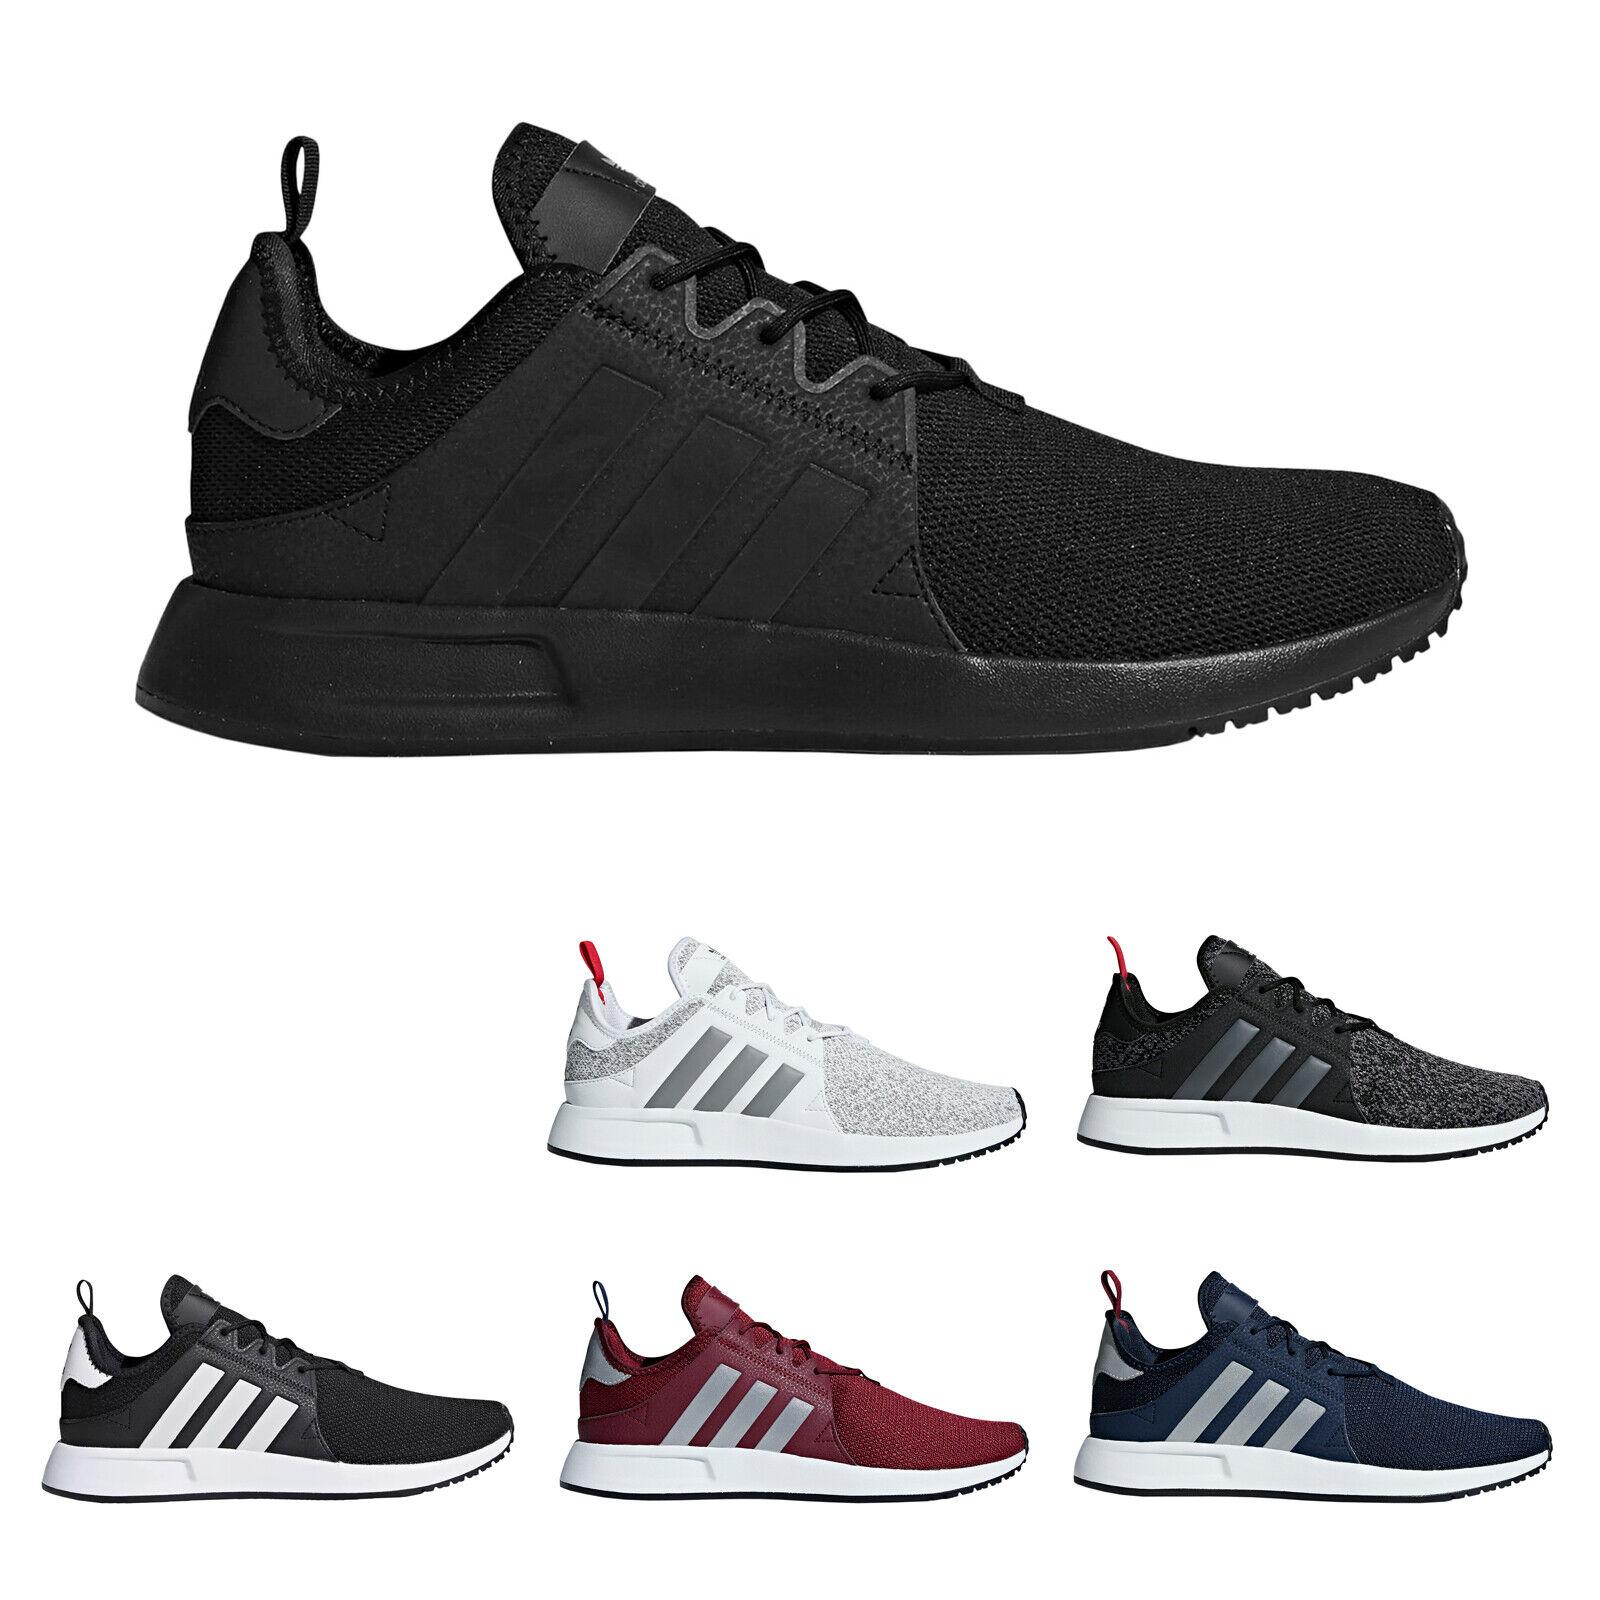 Adidas X PLR Malla De Baja Top Running Zapatos Tenis Zapatillas para hombre